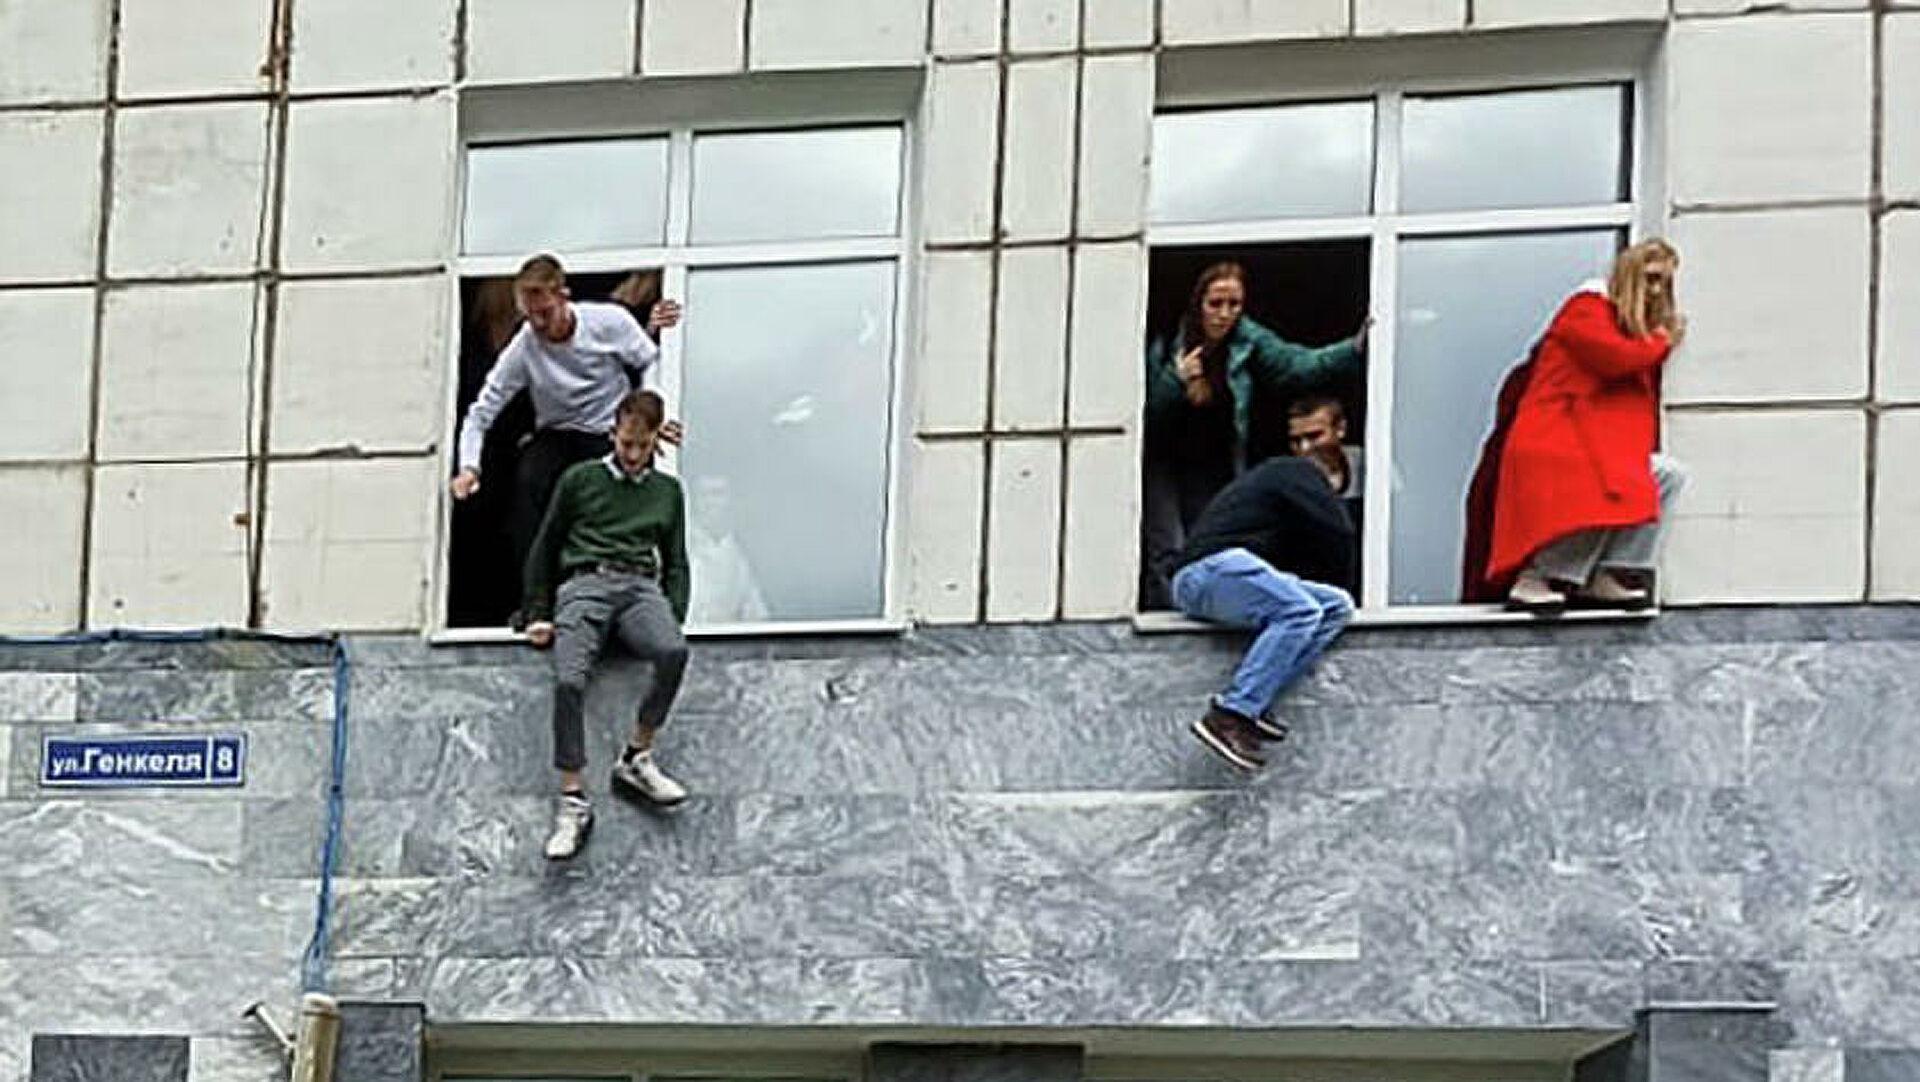 Студенты выпрыгивали из окон